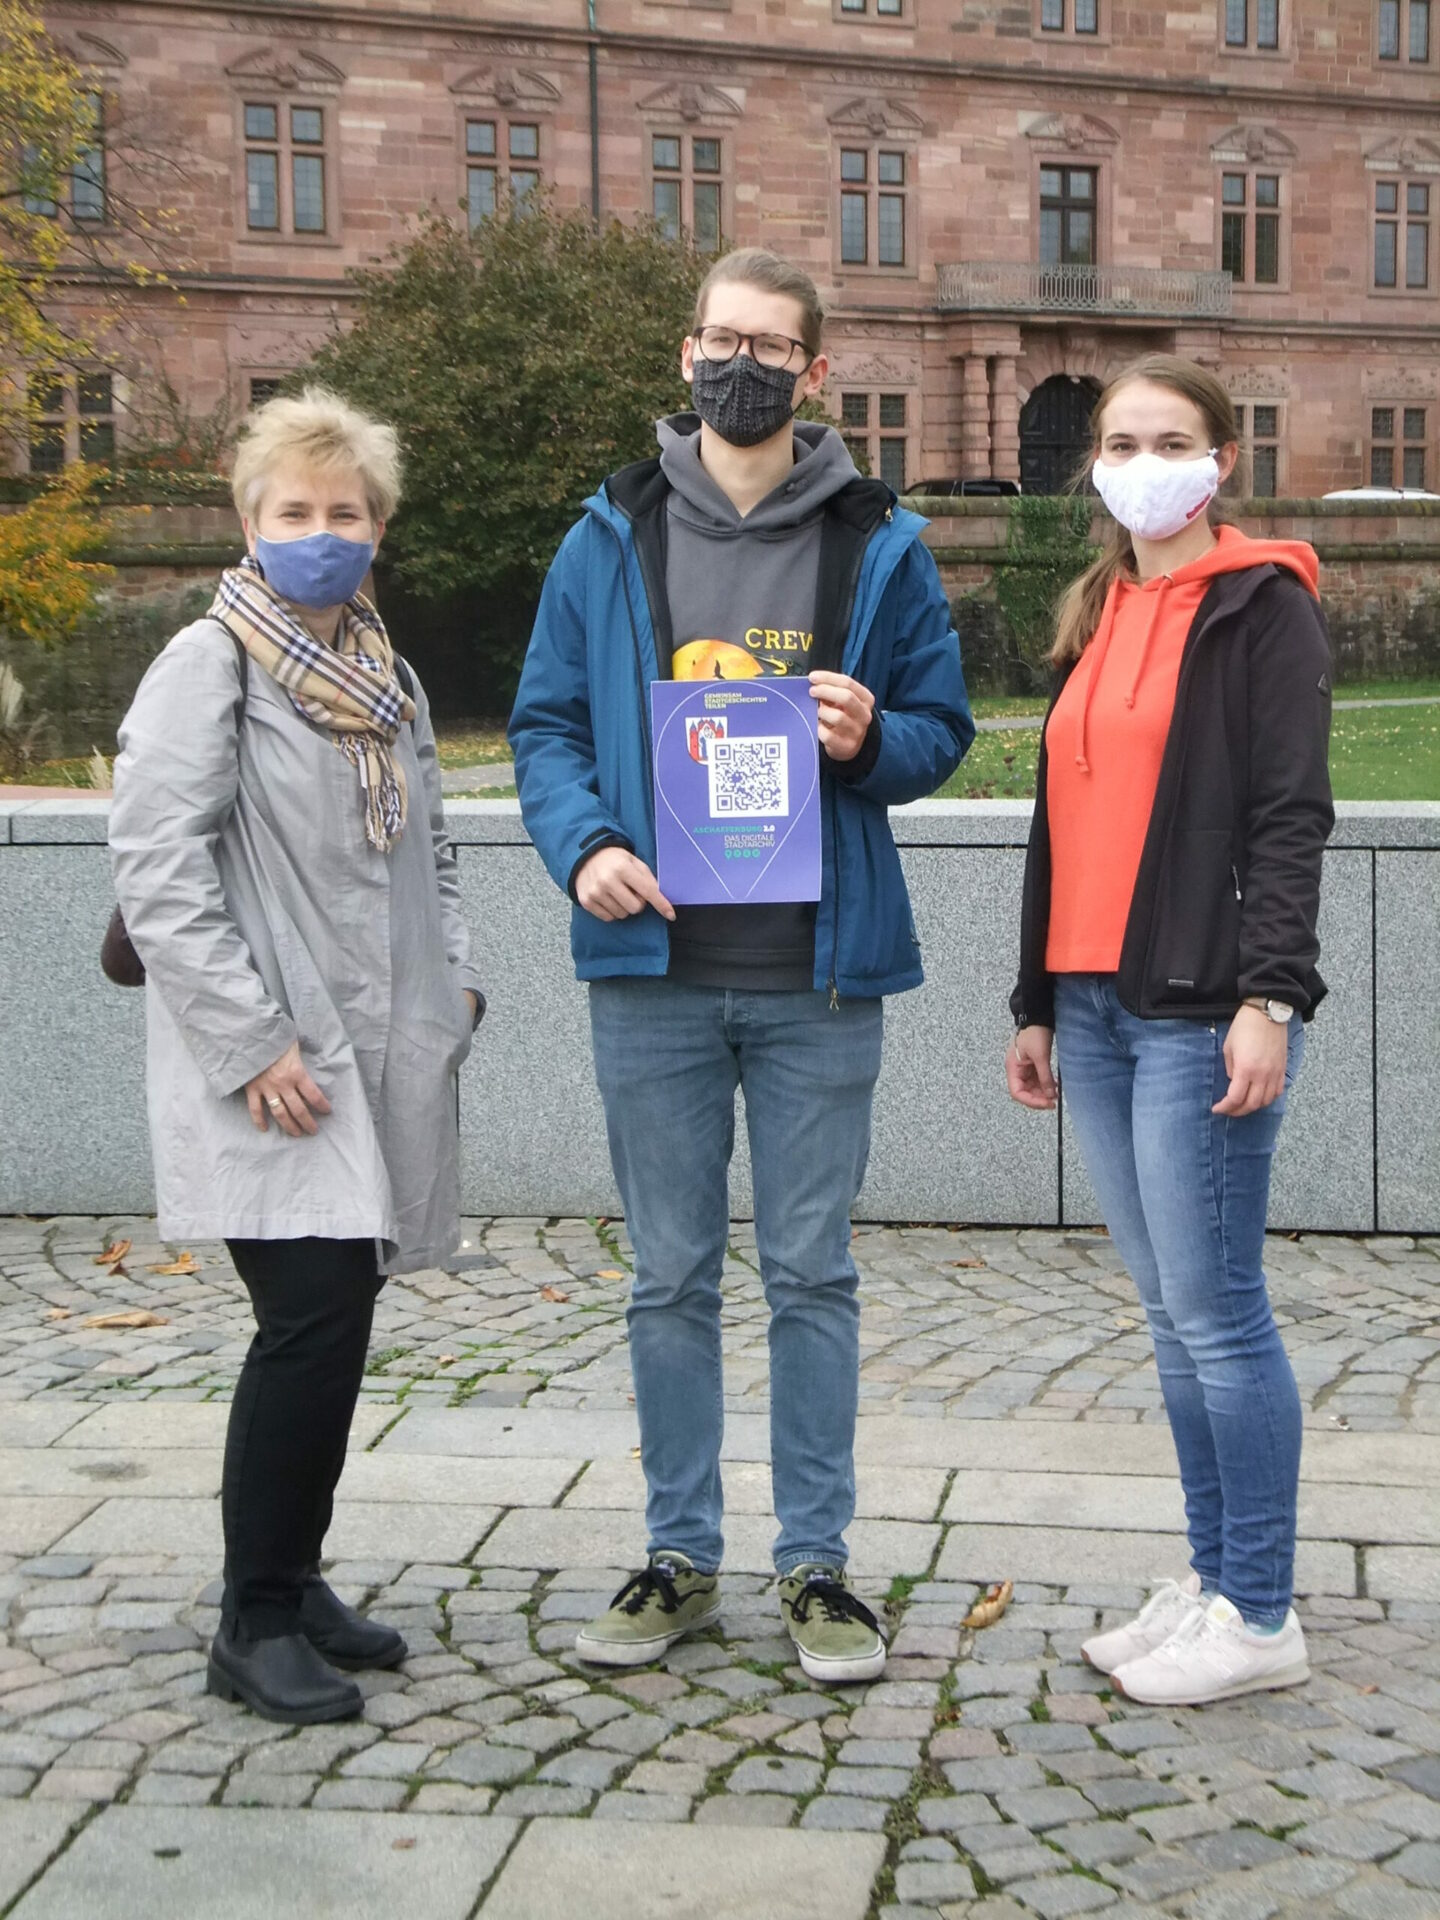 Teamfoto beim Aufkleber verteilen in Aschaffenburg